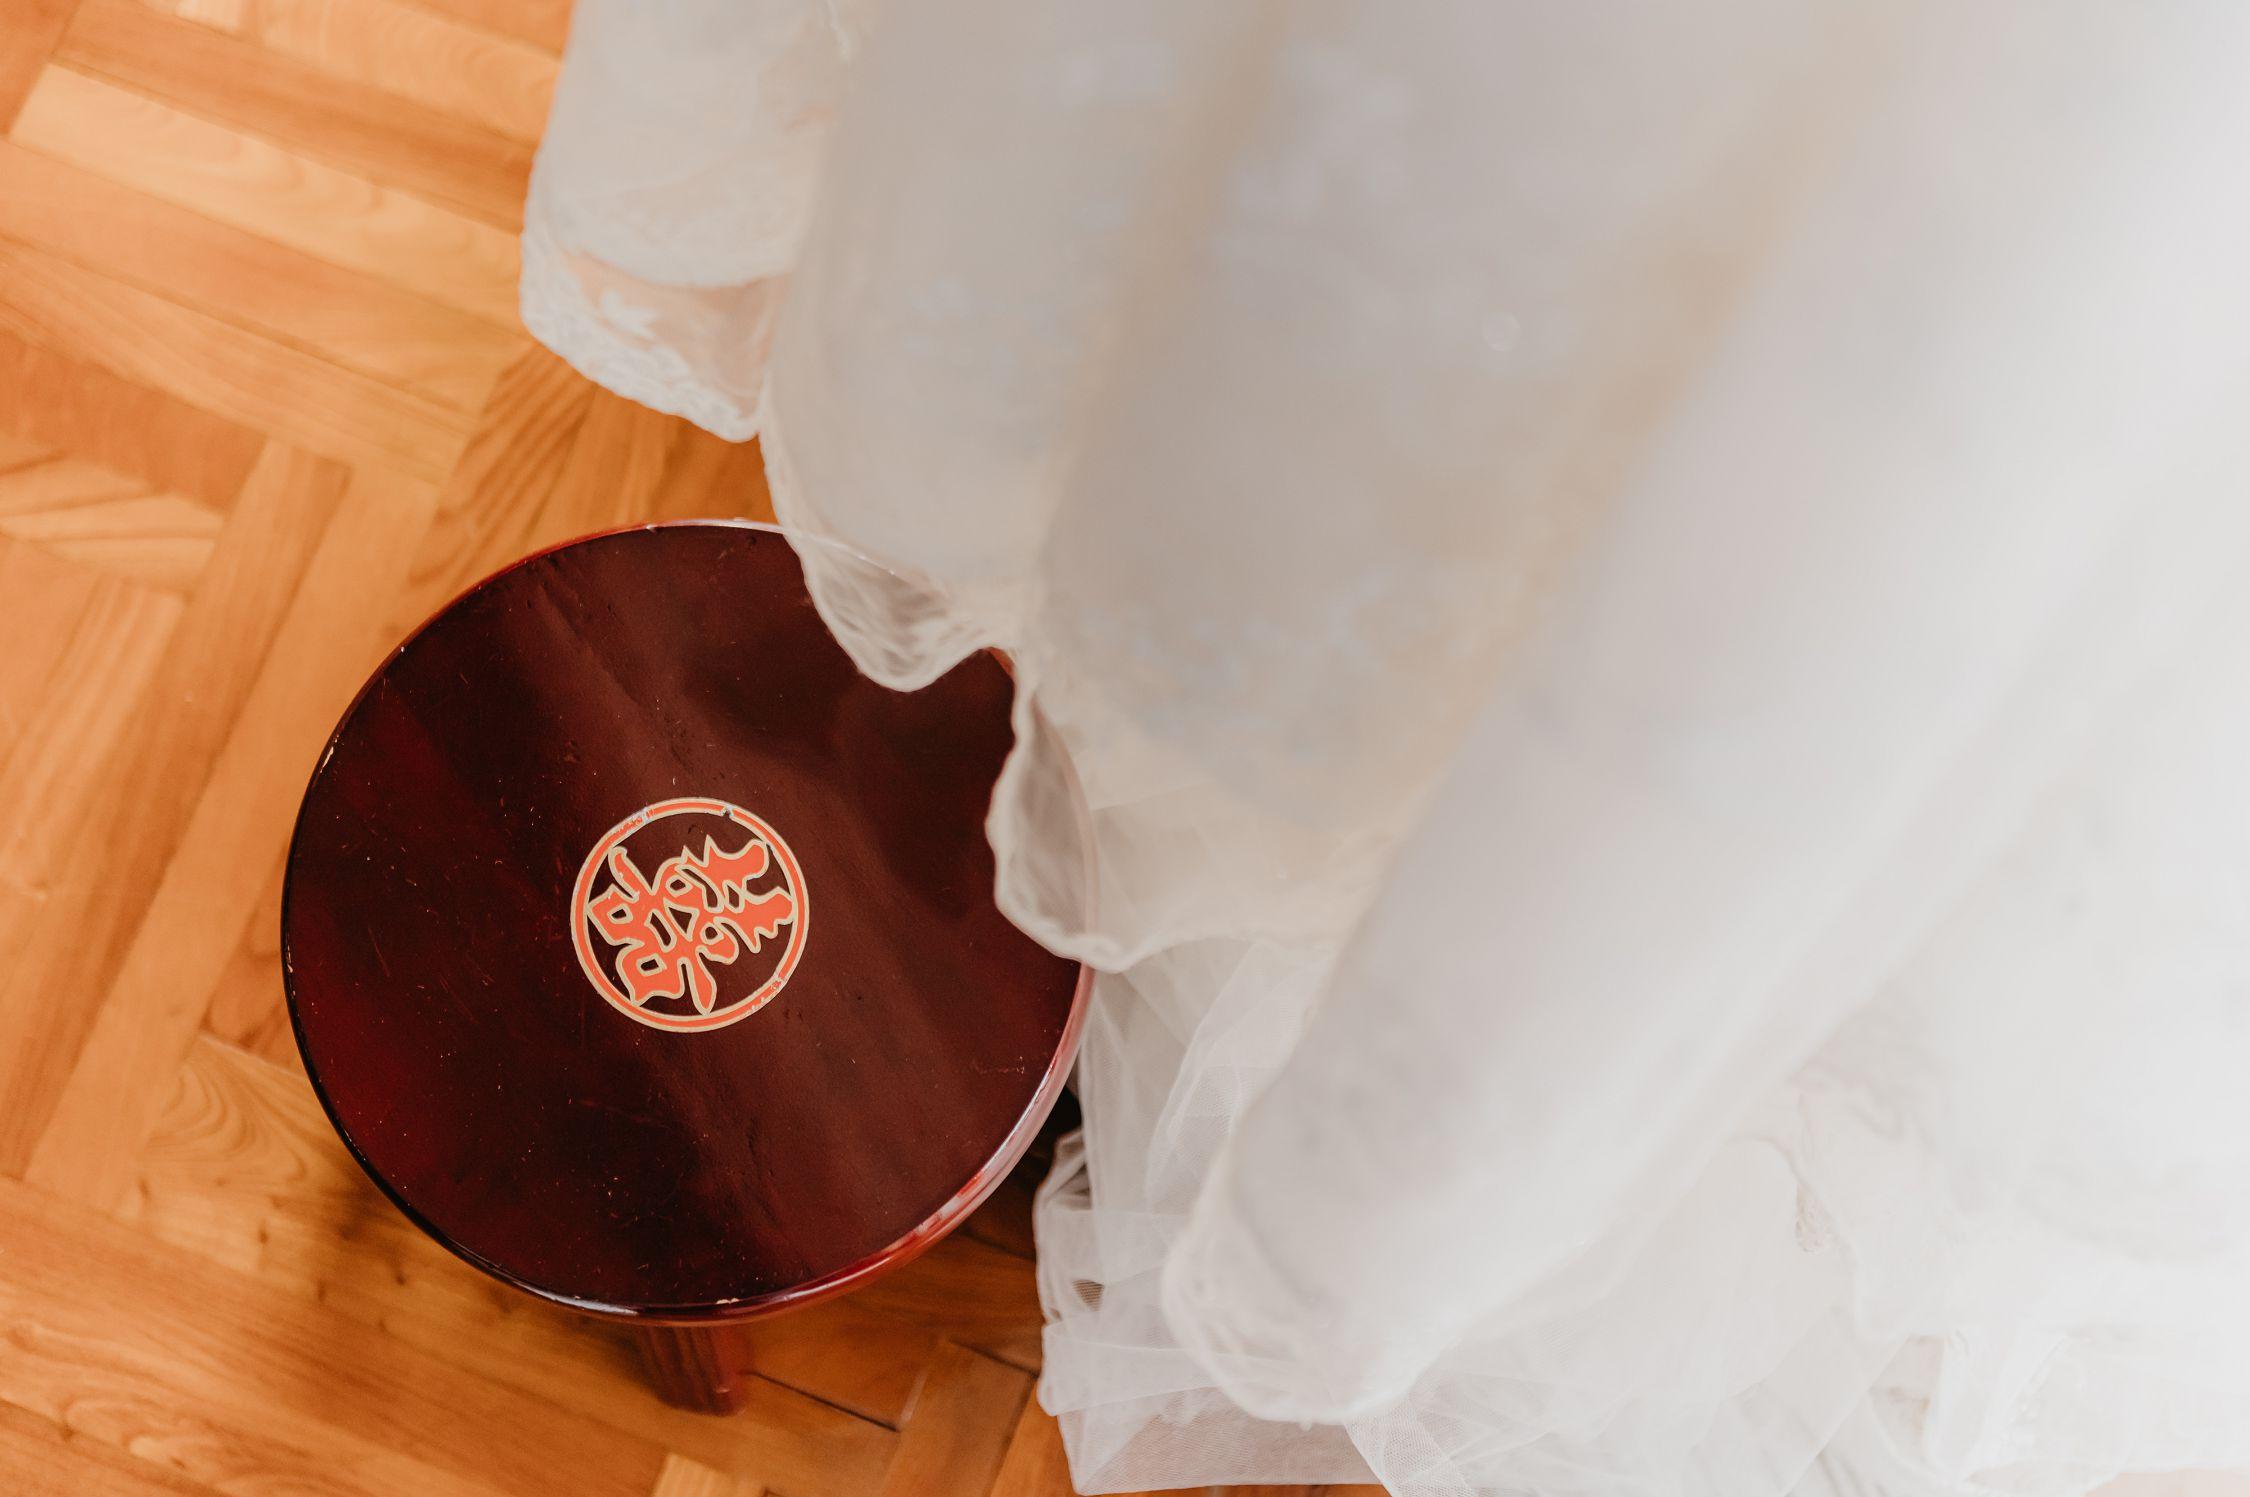 婚禮紀錄,婚攝,台北攝影師,圓山飯店,類婚紗,新秘,造型師,婚錄,雙機攝影,新娘物語推薦,PTT推薦,中式婚禮,美式風格,跳舞進場,交換戒指,奉茶,拜別,儀式,婚禮佈置,